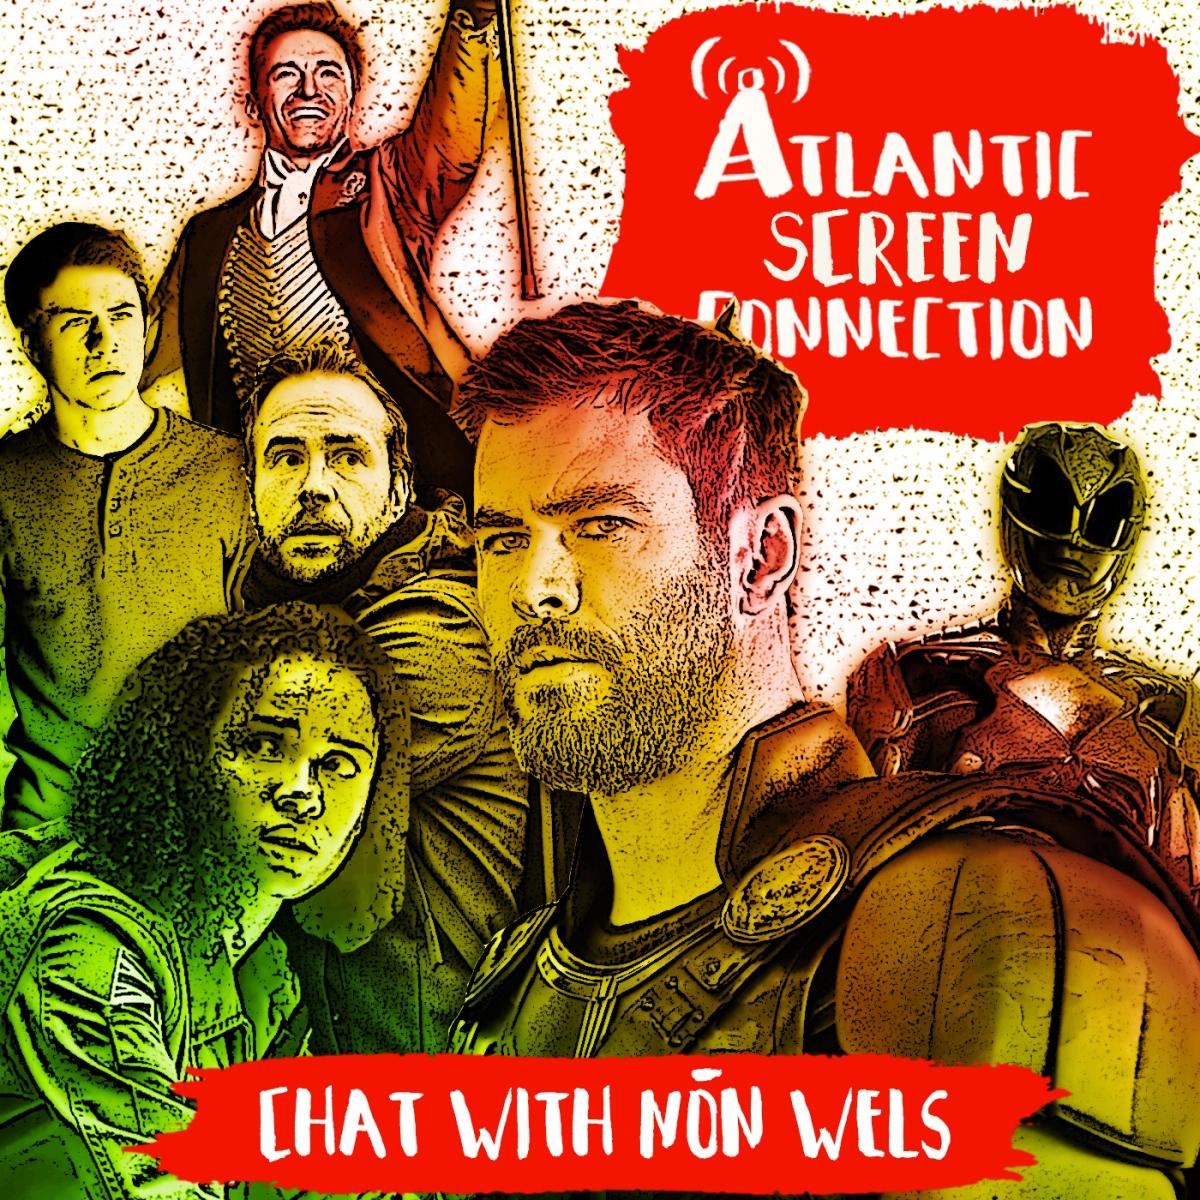 AltlanticSC CHATS with NONWELS